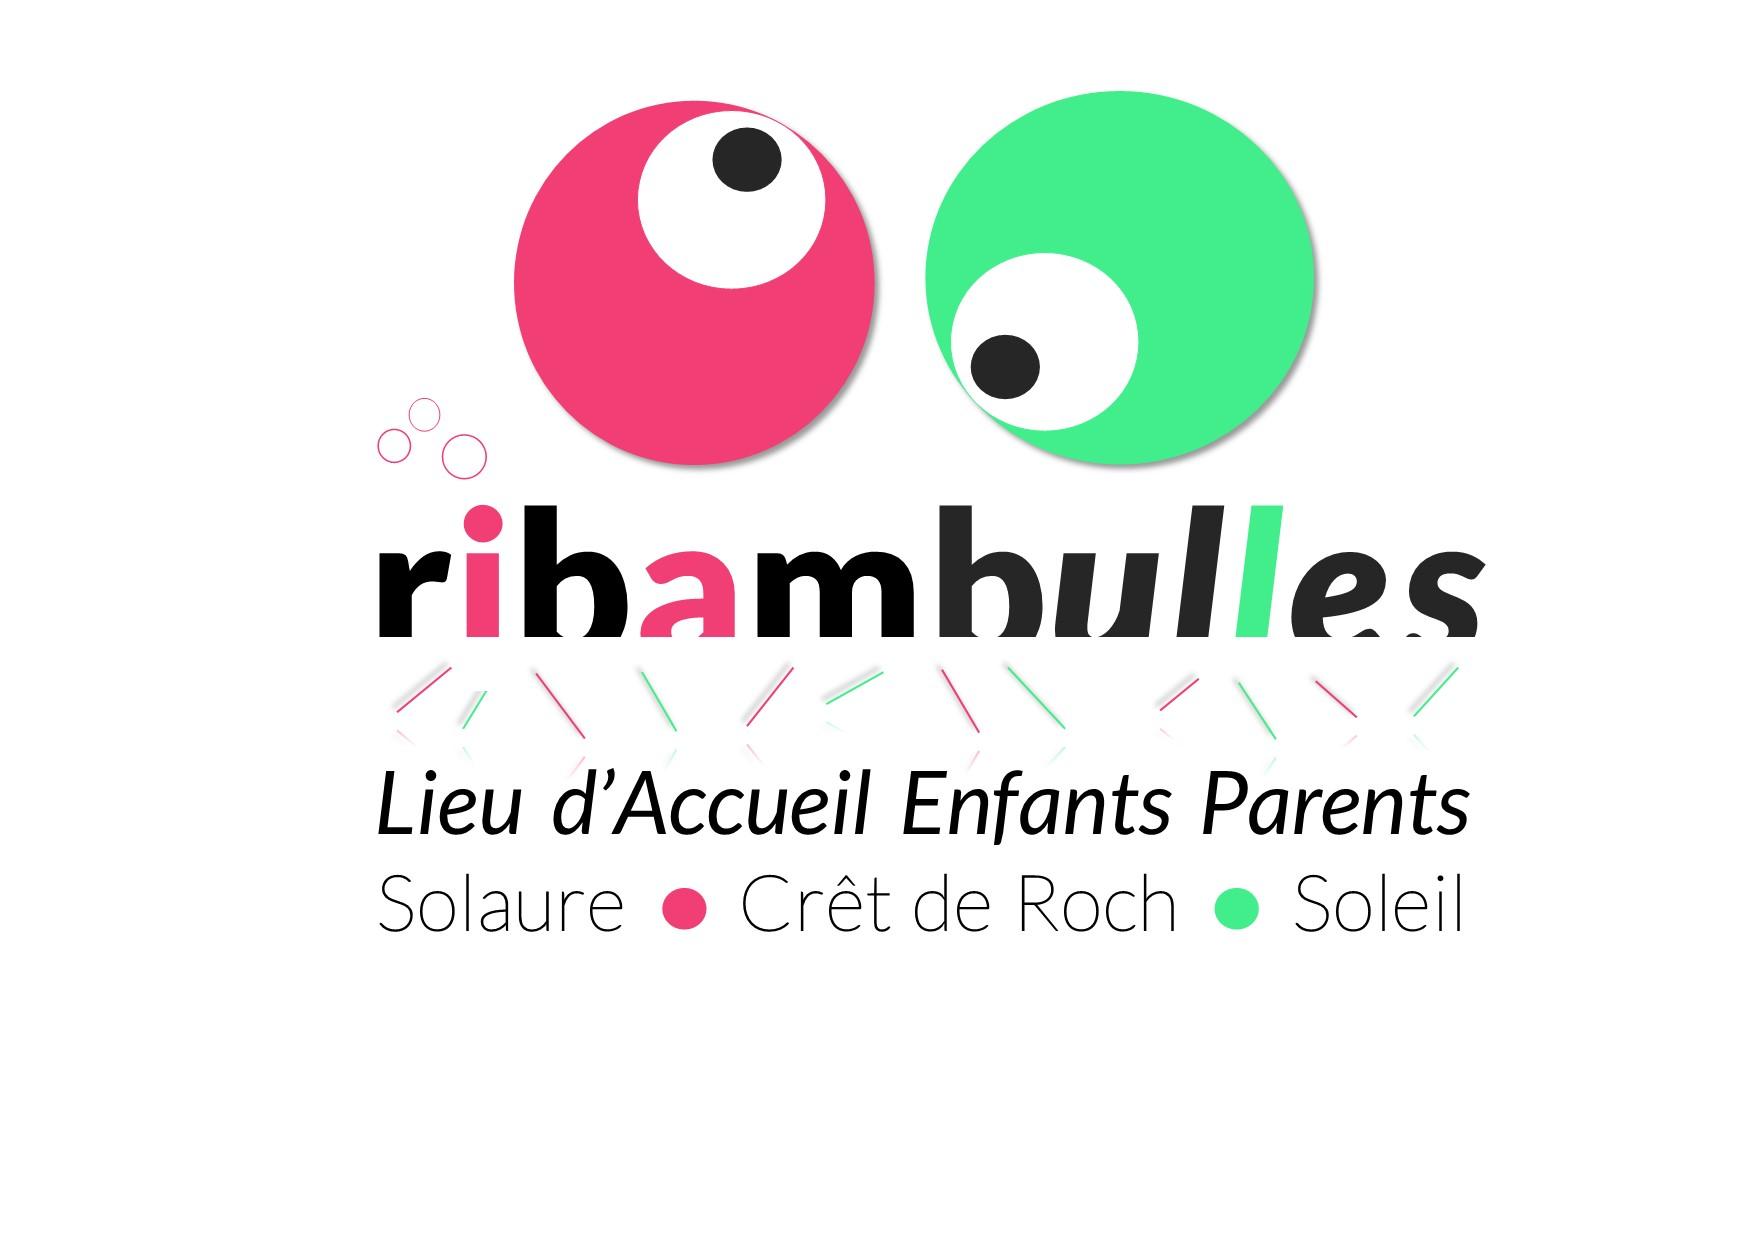 Ribambulles A